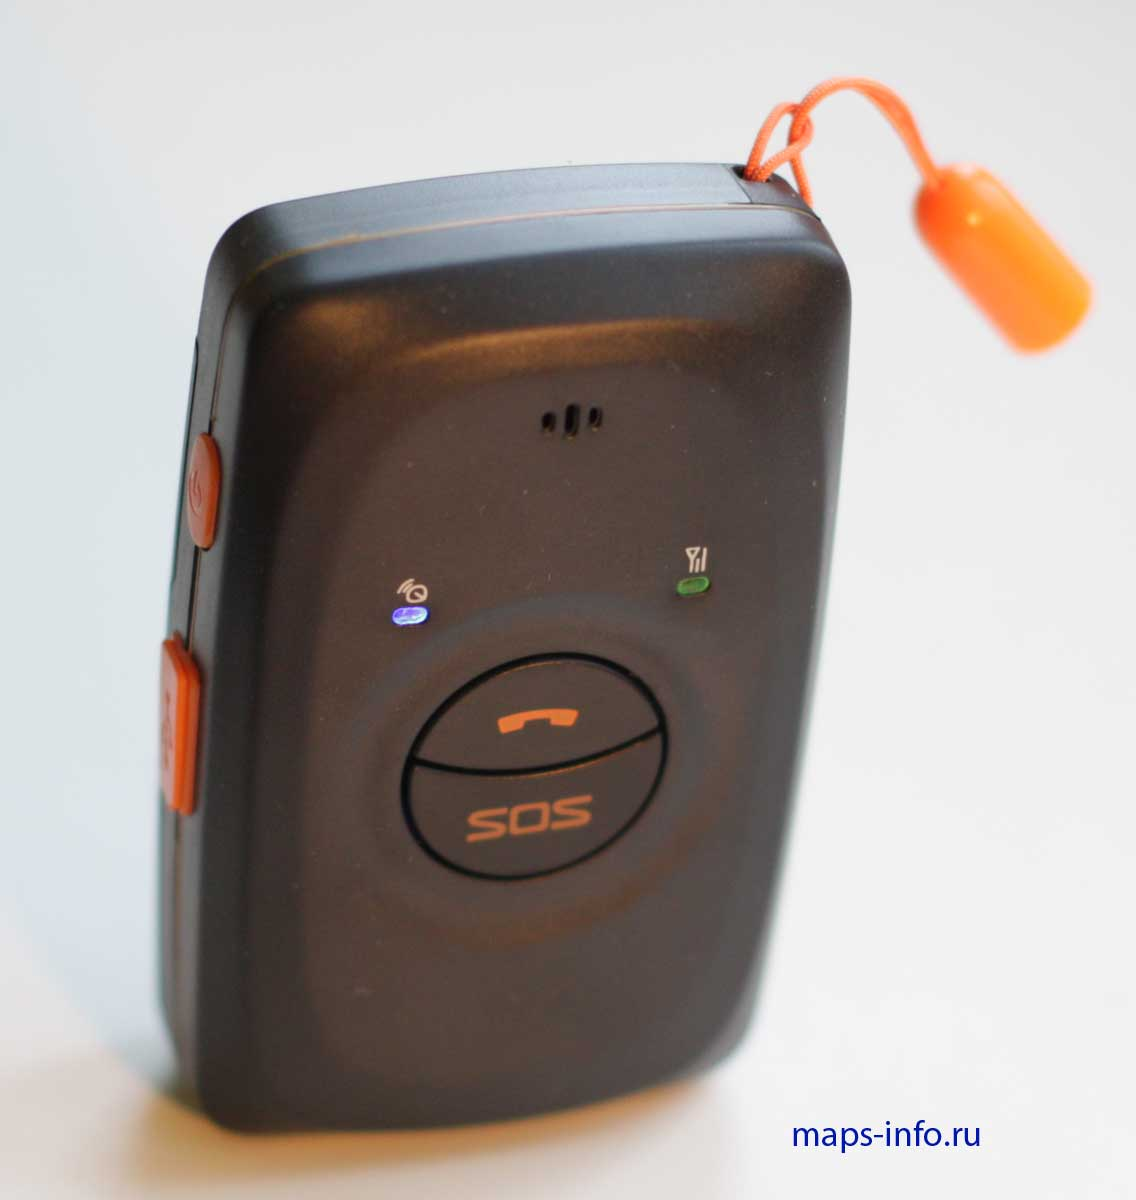 Влагозащищёный персональный трекер MT90